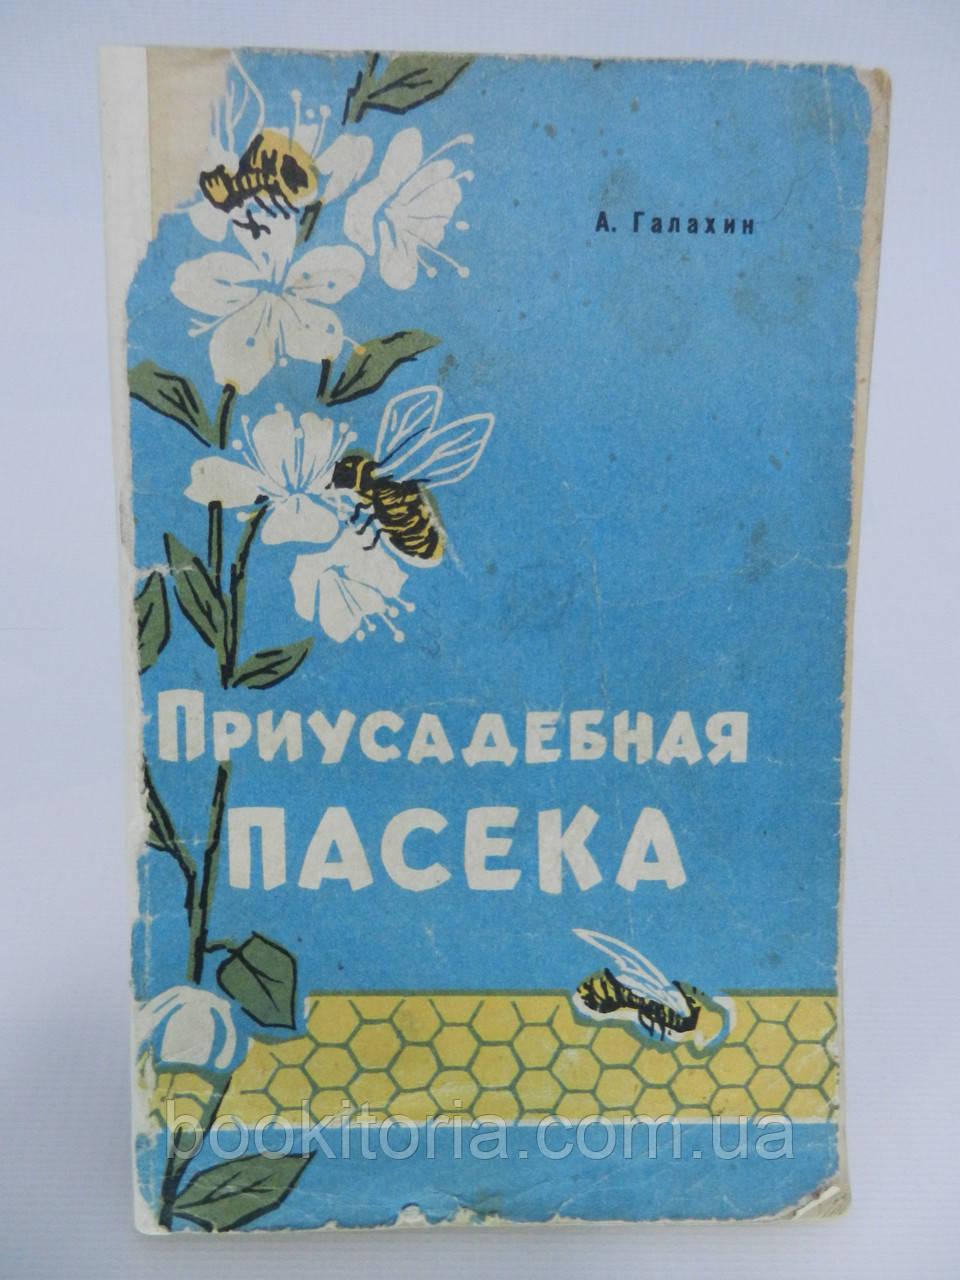 Галахин А. Приусадебная пасека (б/у).